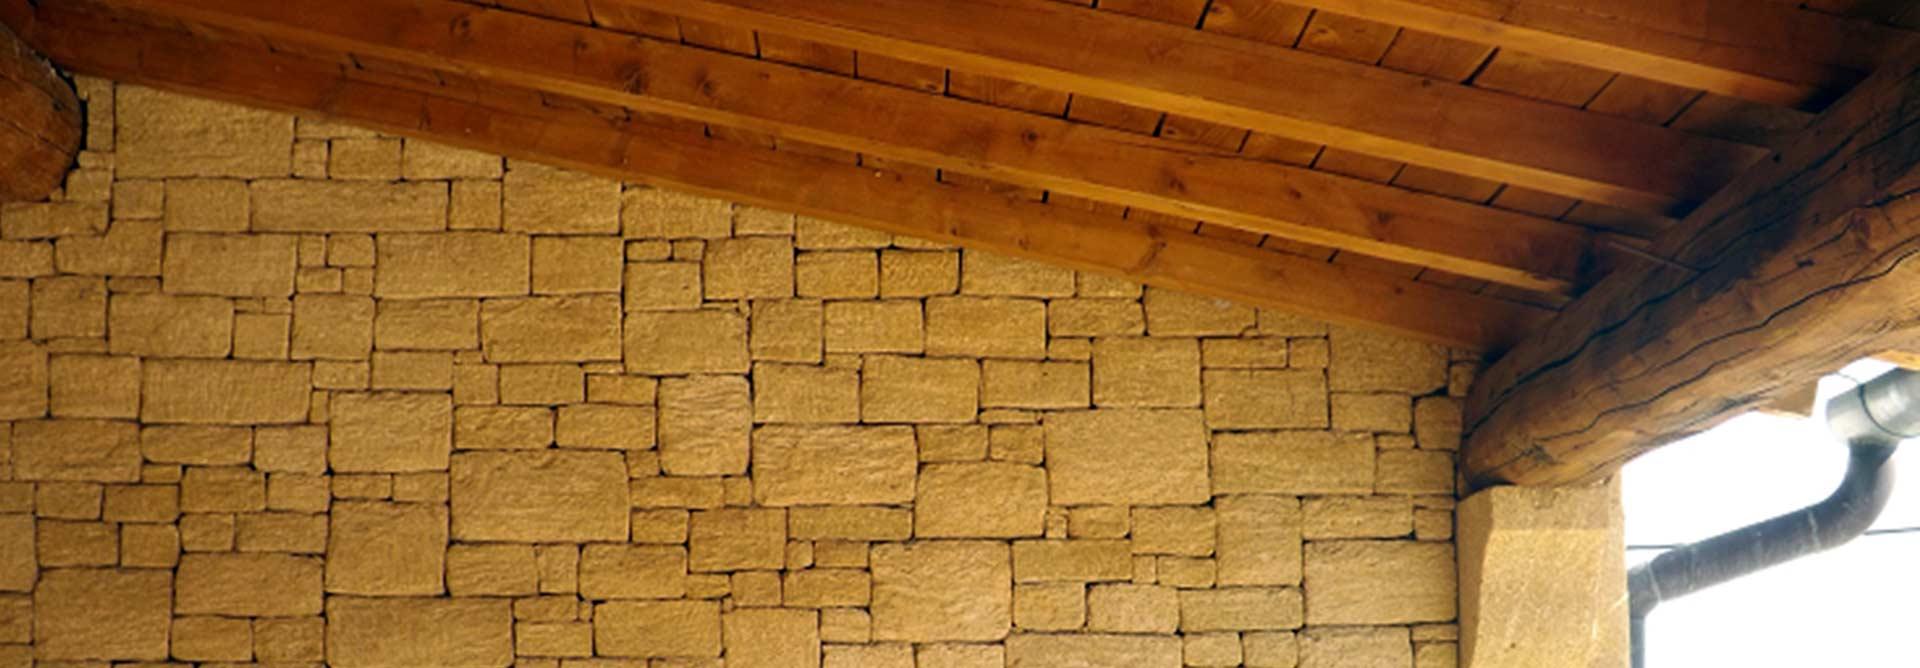 toitures étanches et résistantes pour une maison qui dure